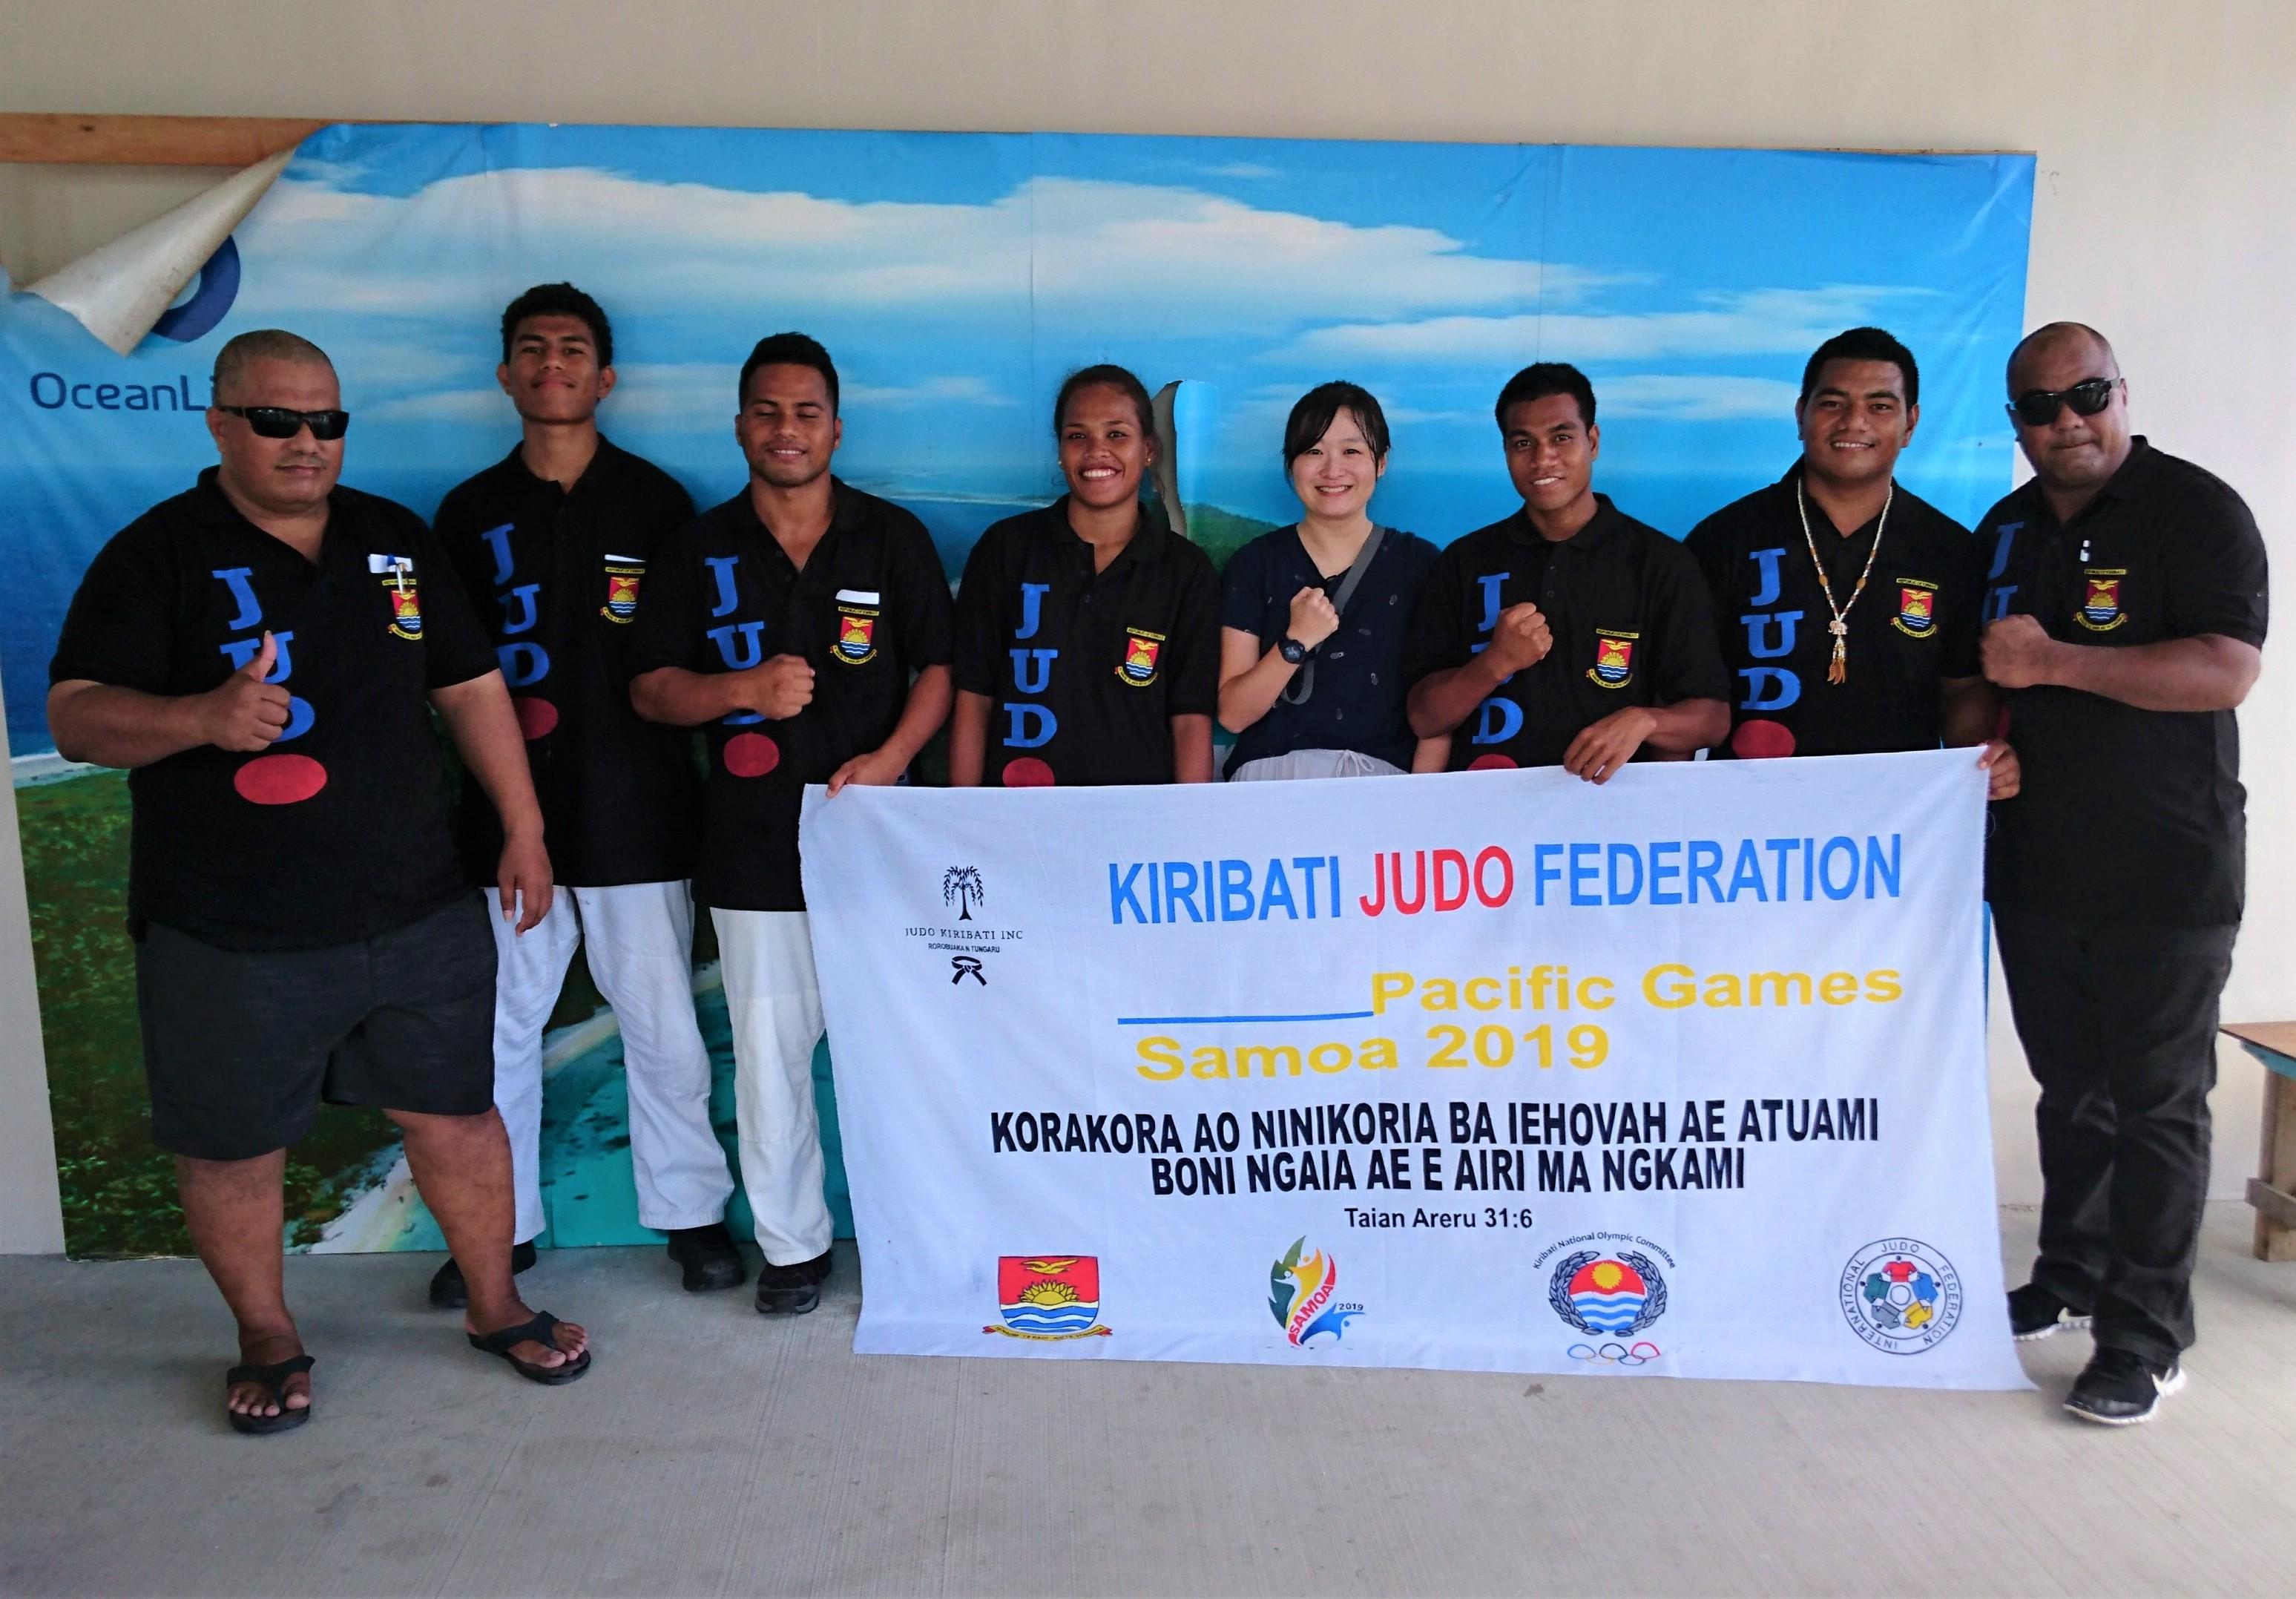 キリバスの柔道チーム、国際大会へ!